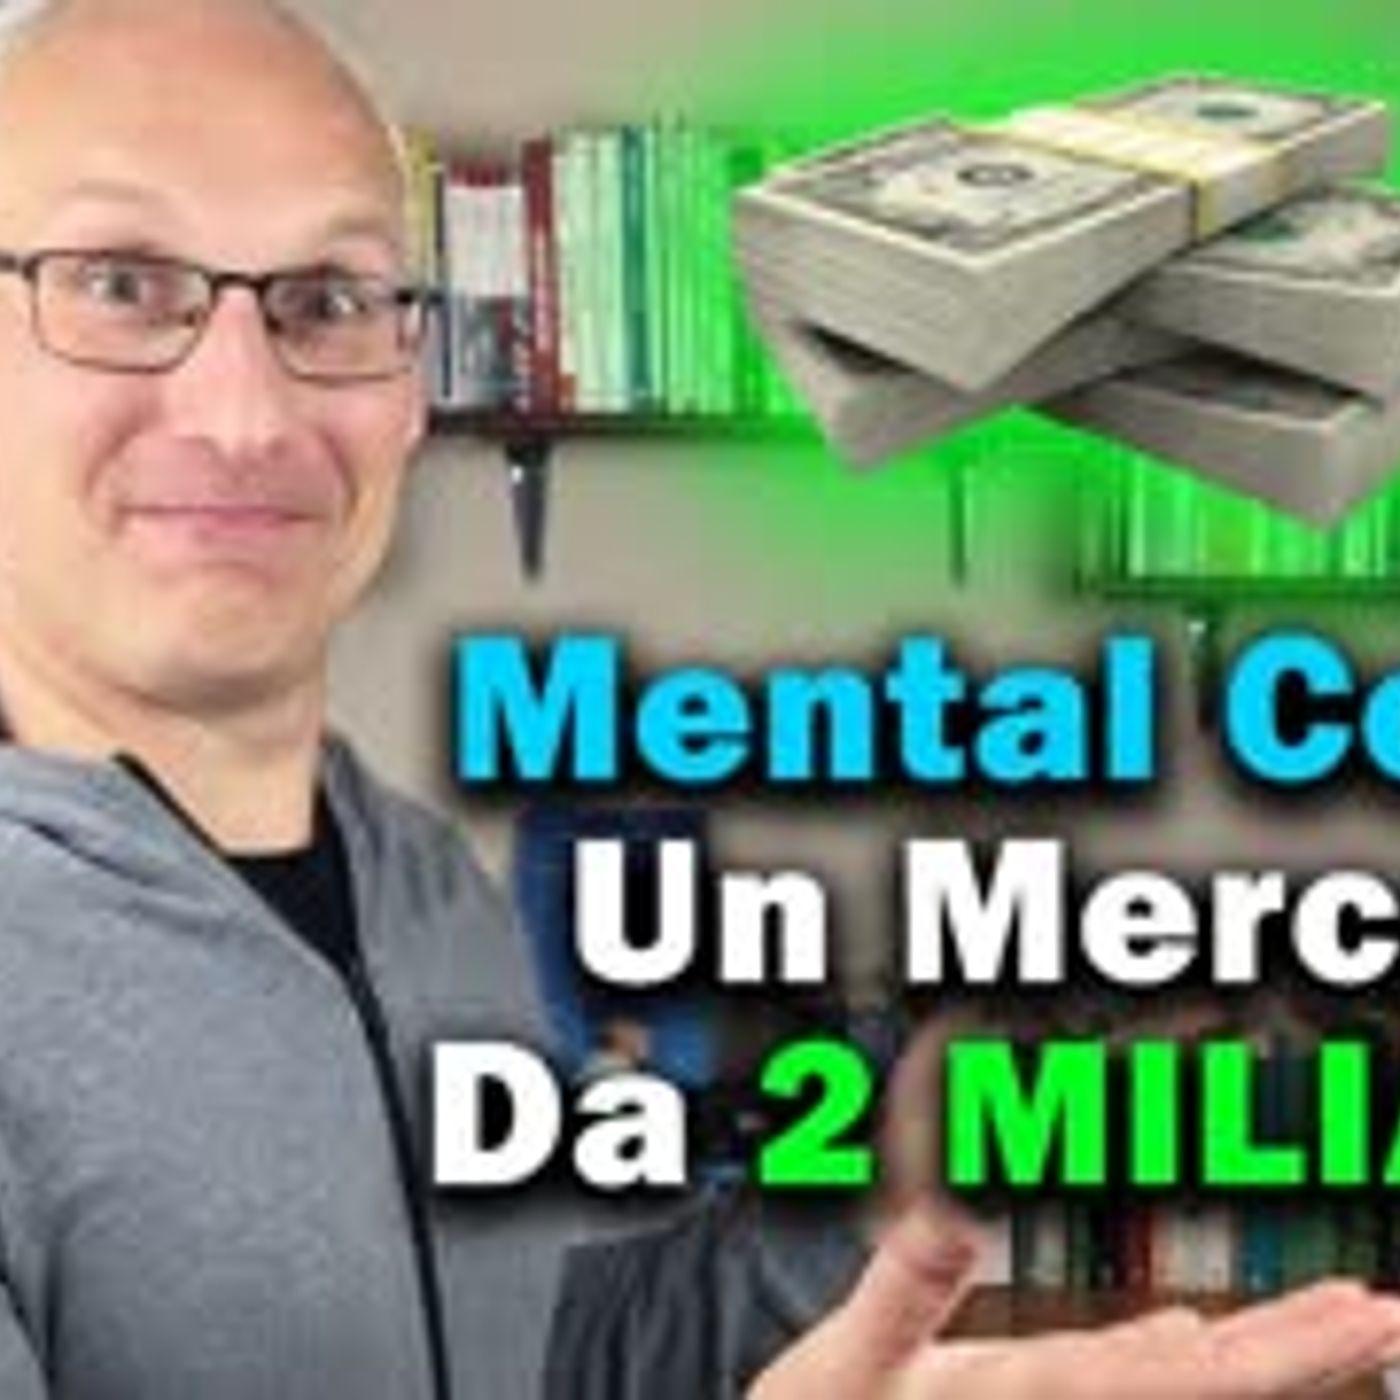 Mental Coach Un Mercato da 2 Miliardi!